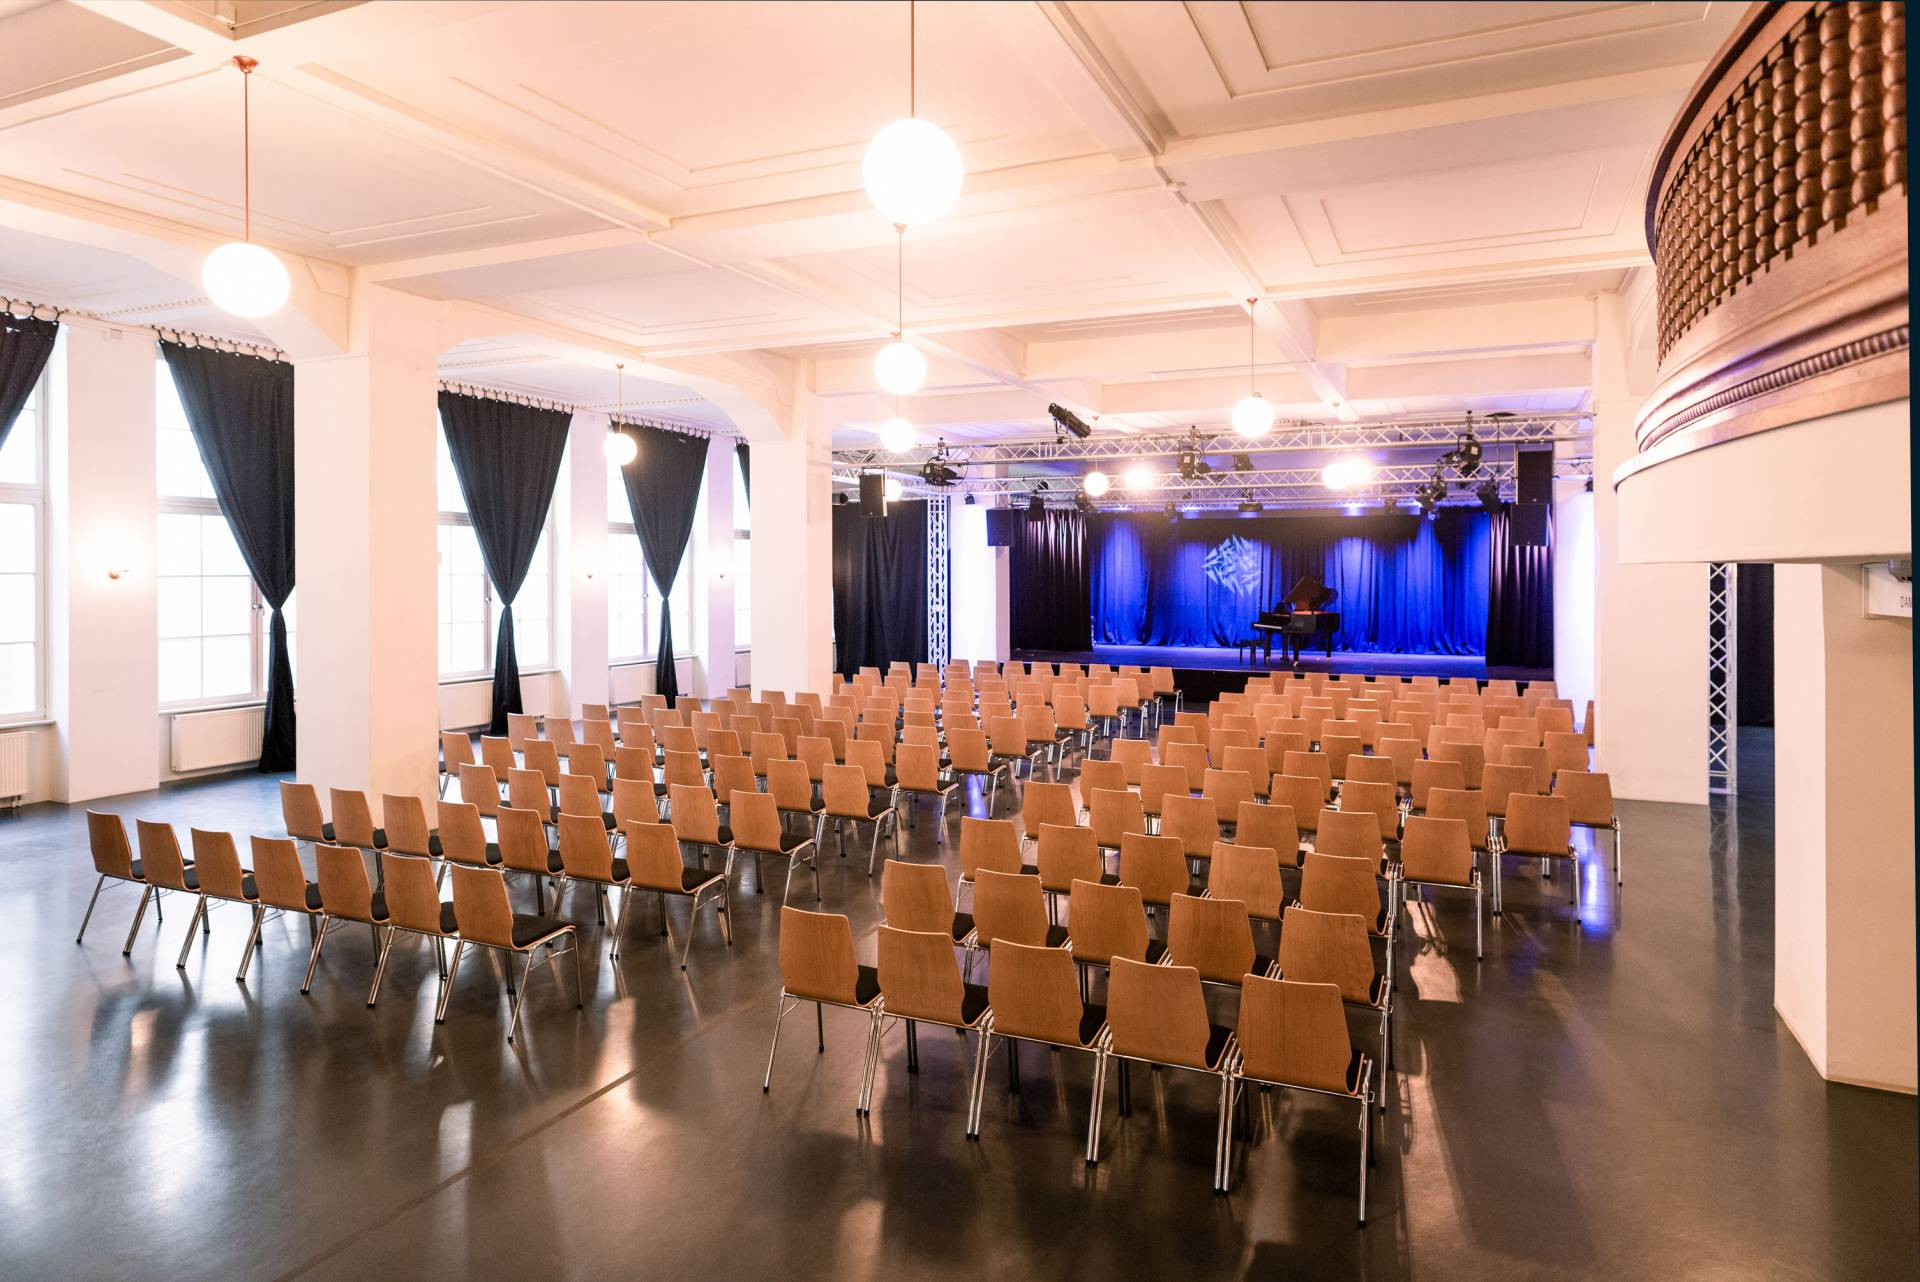 Die große Bühne mit beispielhafter Reihenbestuhlung. (Konrad Stöhr)